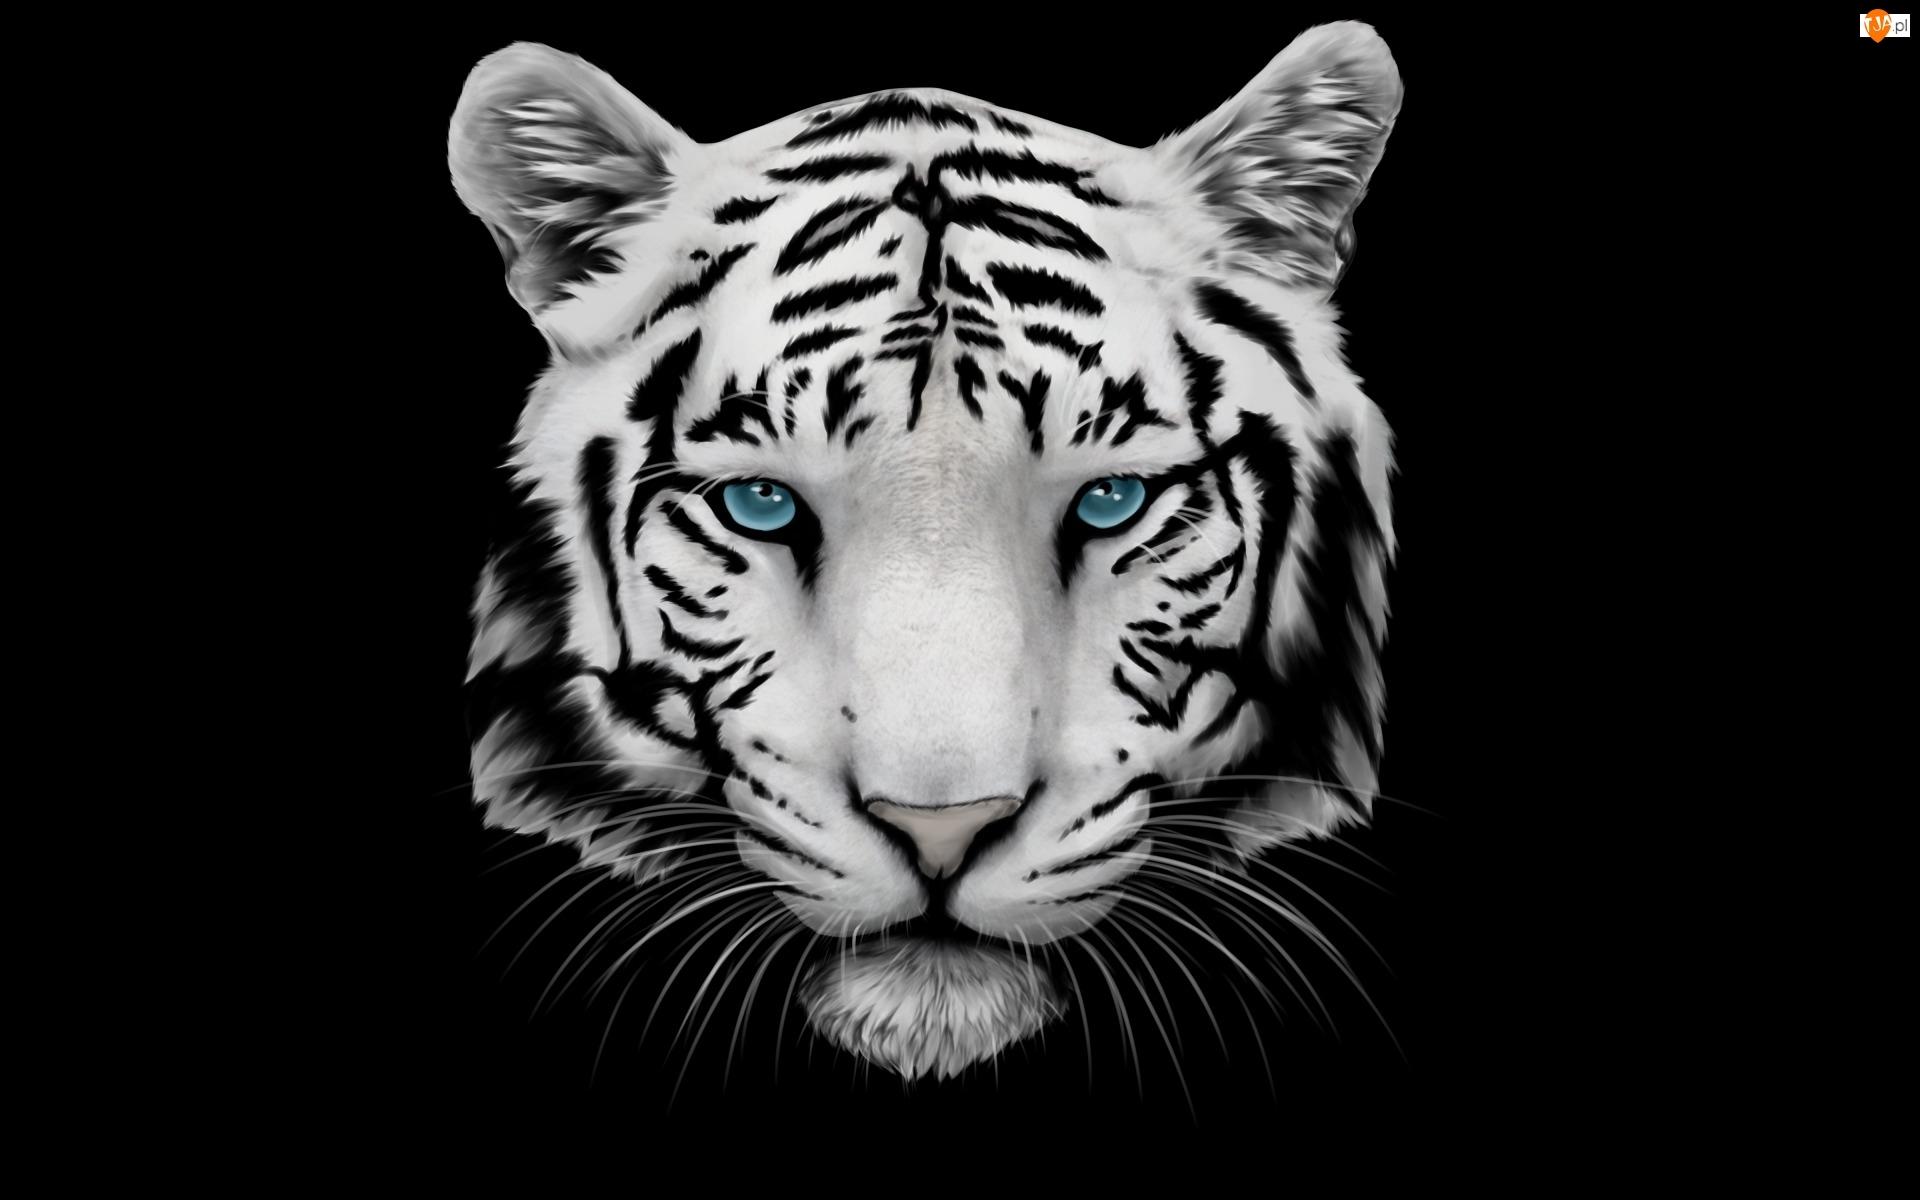 Grafika, Tło czarne, Głowa, Tygrys